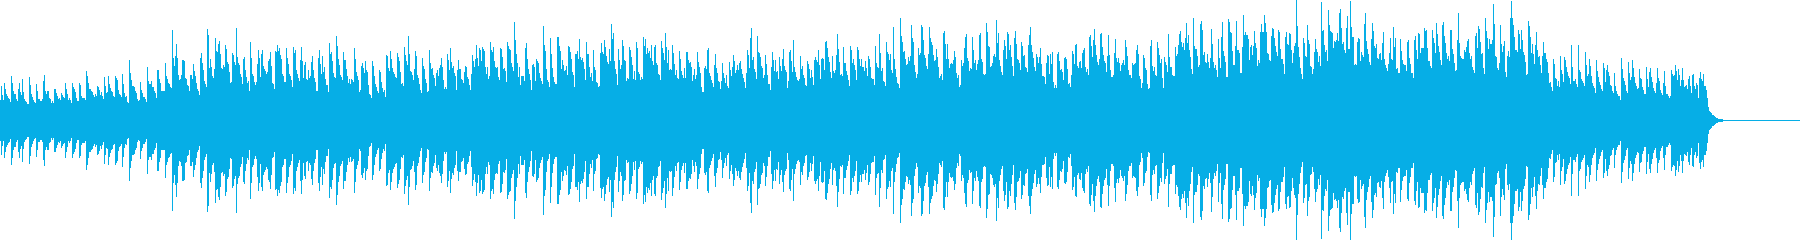 ピアノと弦のイージーリスニングの再生済みの波形